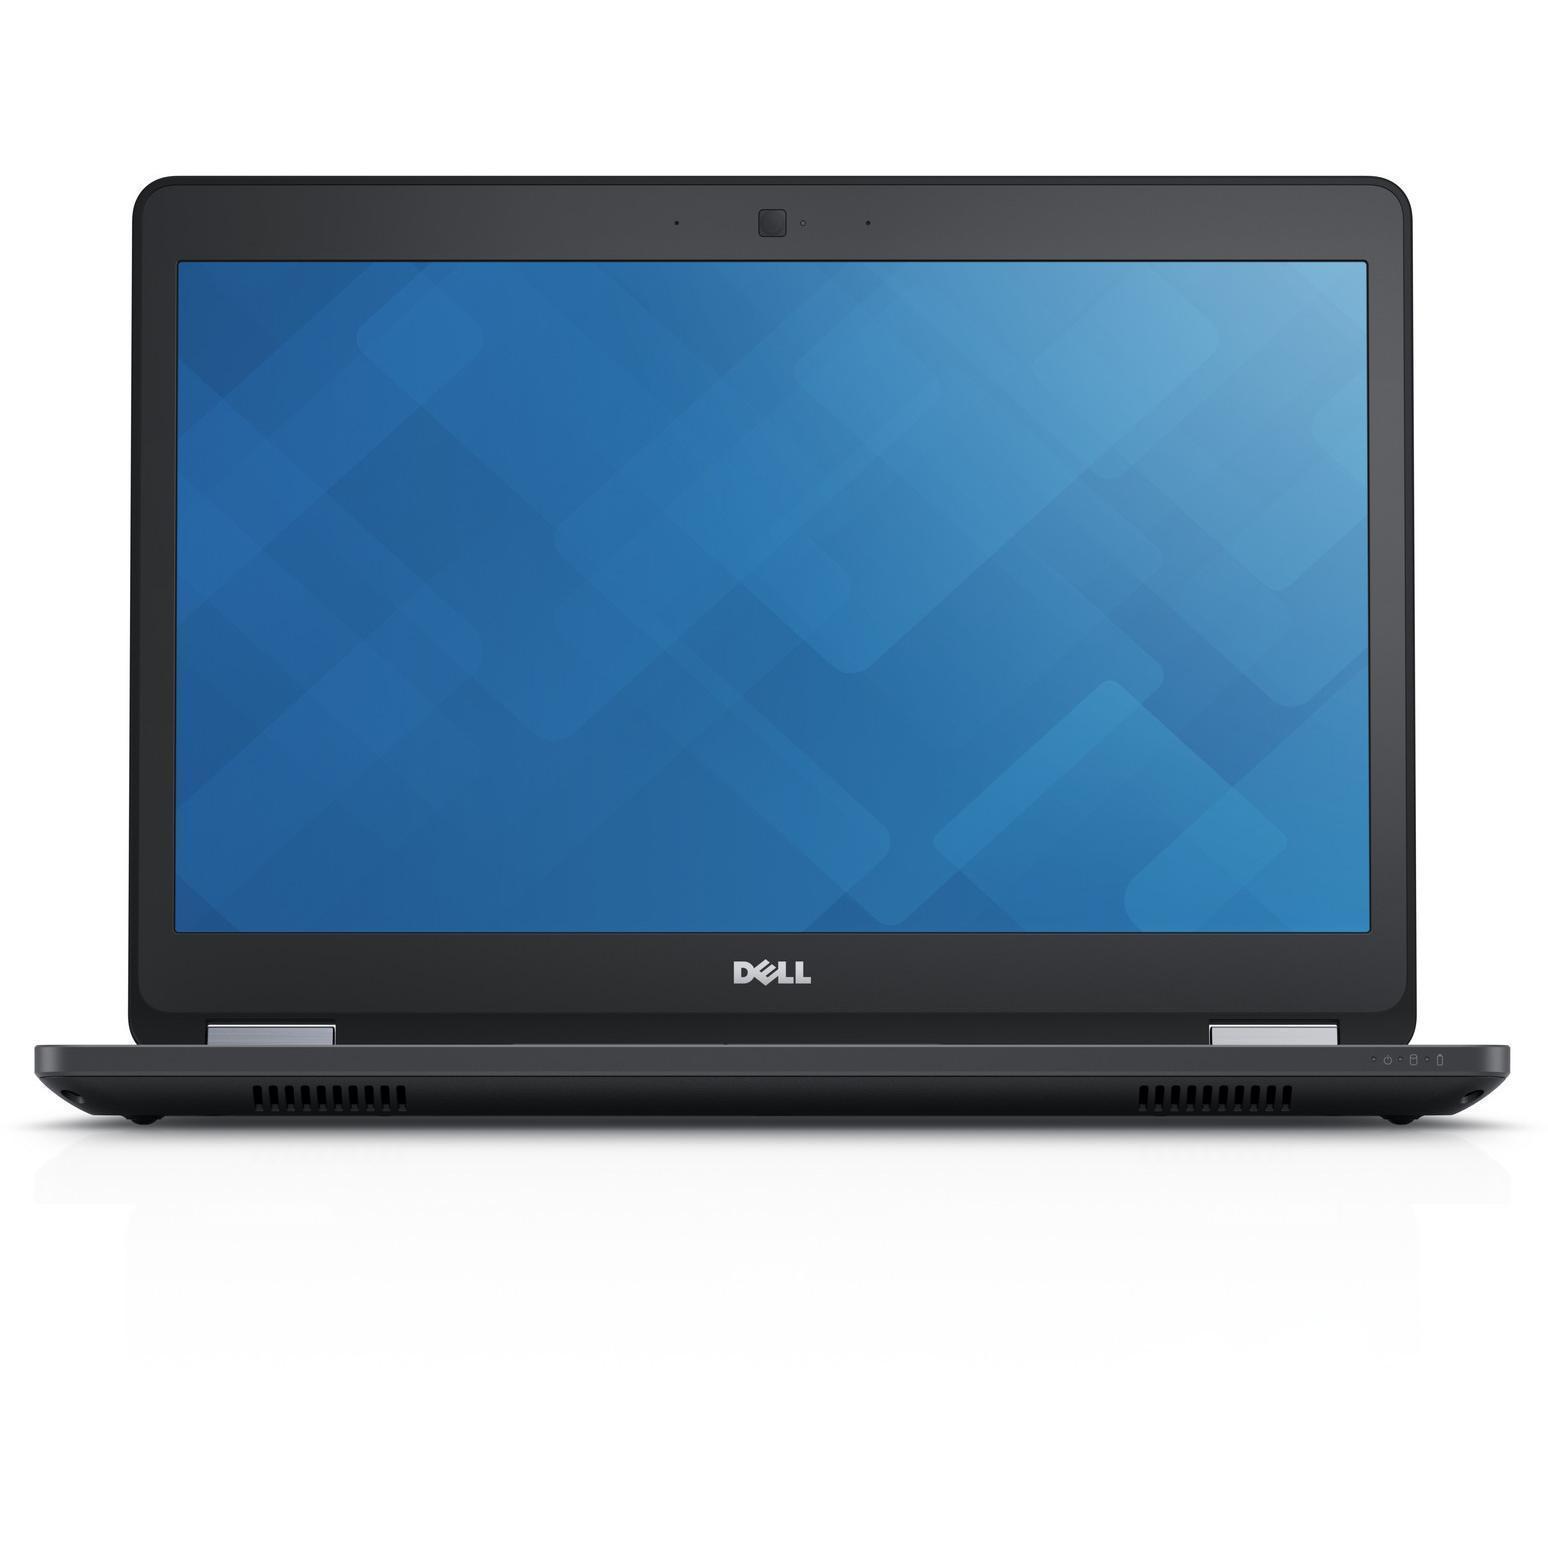 """Dell Latitude 5480 14"""" Core i5 2,3 GHz  - SSD 256 GB - 8GB AZERTY - Frans"""